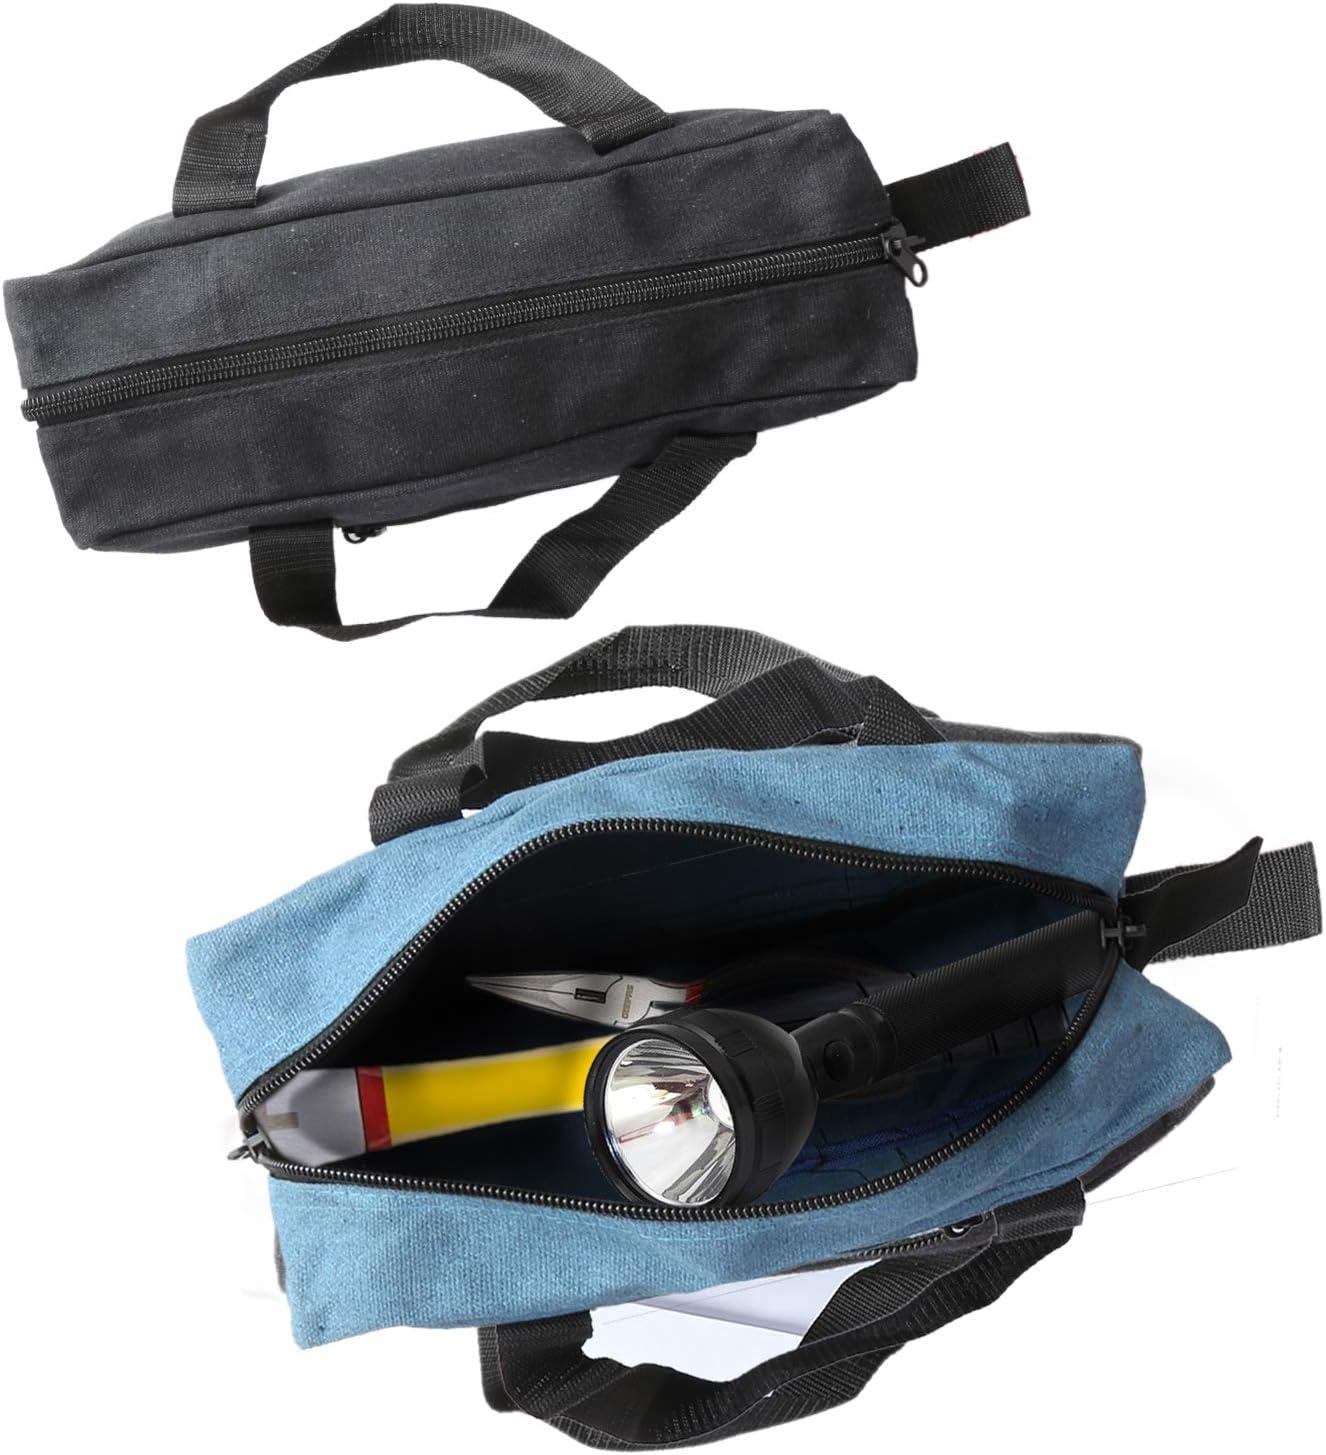 climatisation et plus Comprend des sacs /à outils de 35,6 cm et 40,6 cm plomberie Sacs fourre-tout organiseur pour /électricien jardinage Sac /à outils en toile